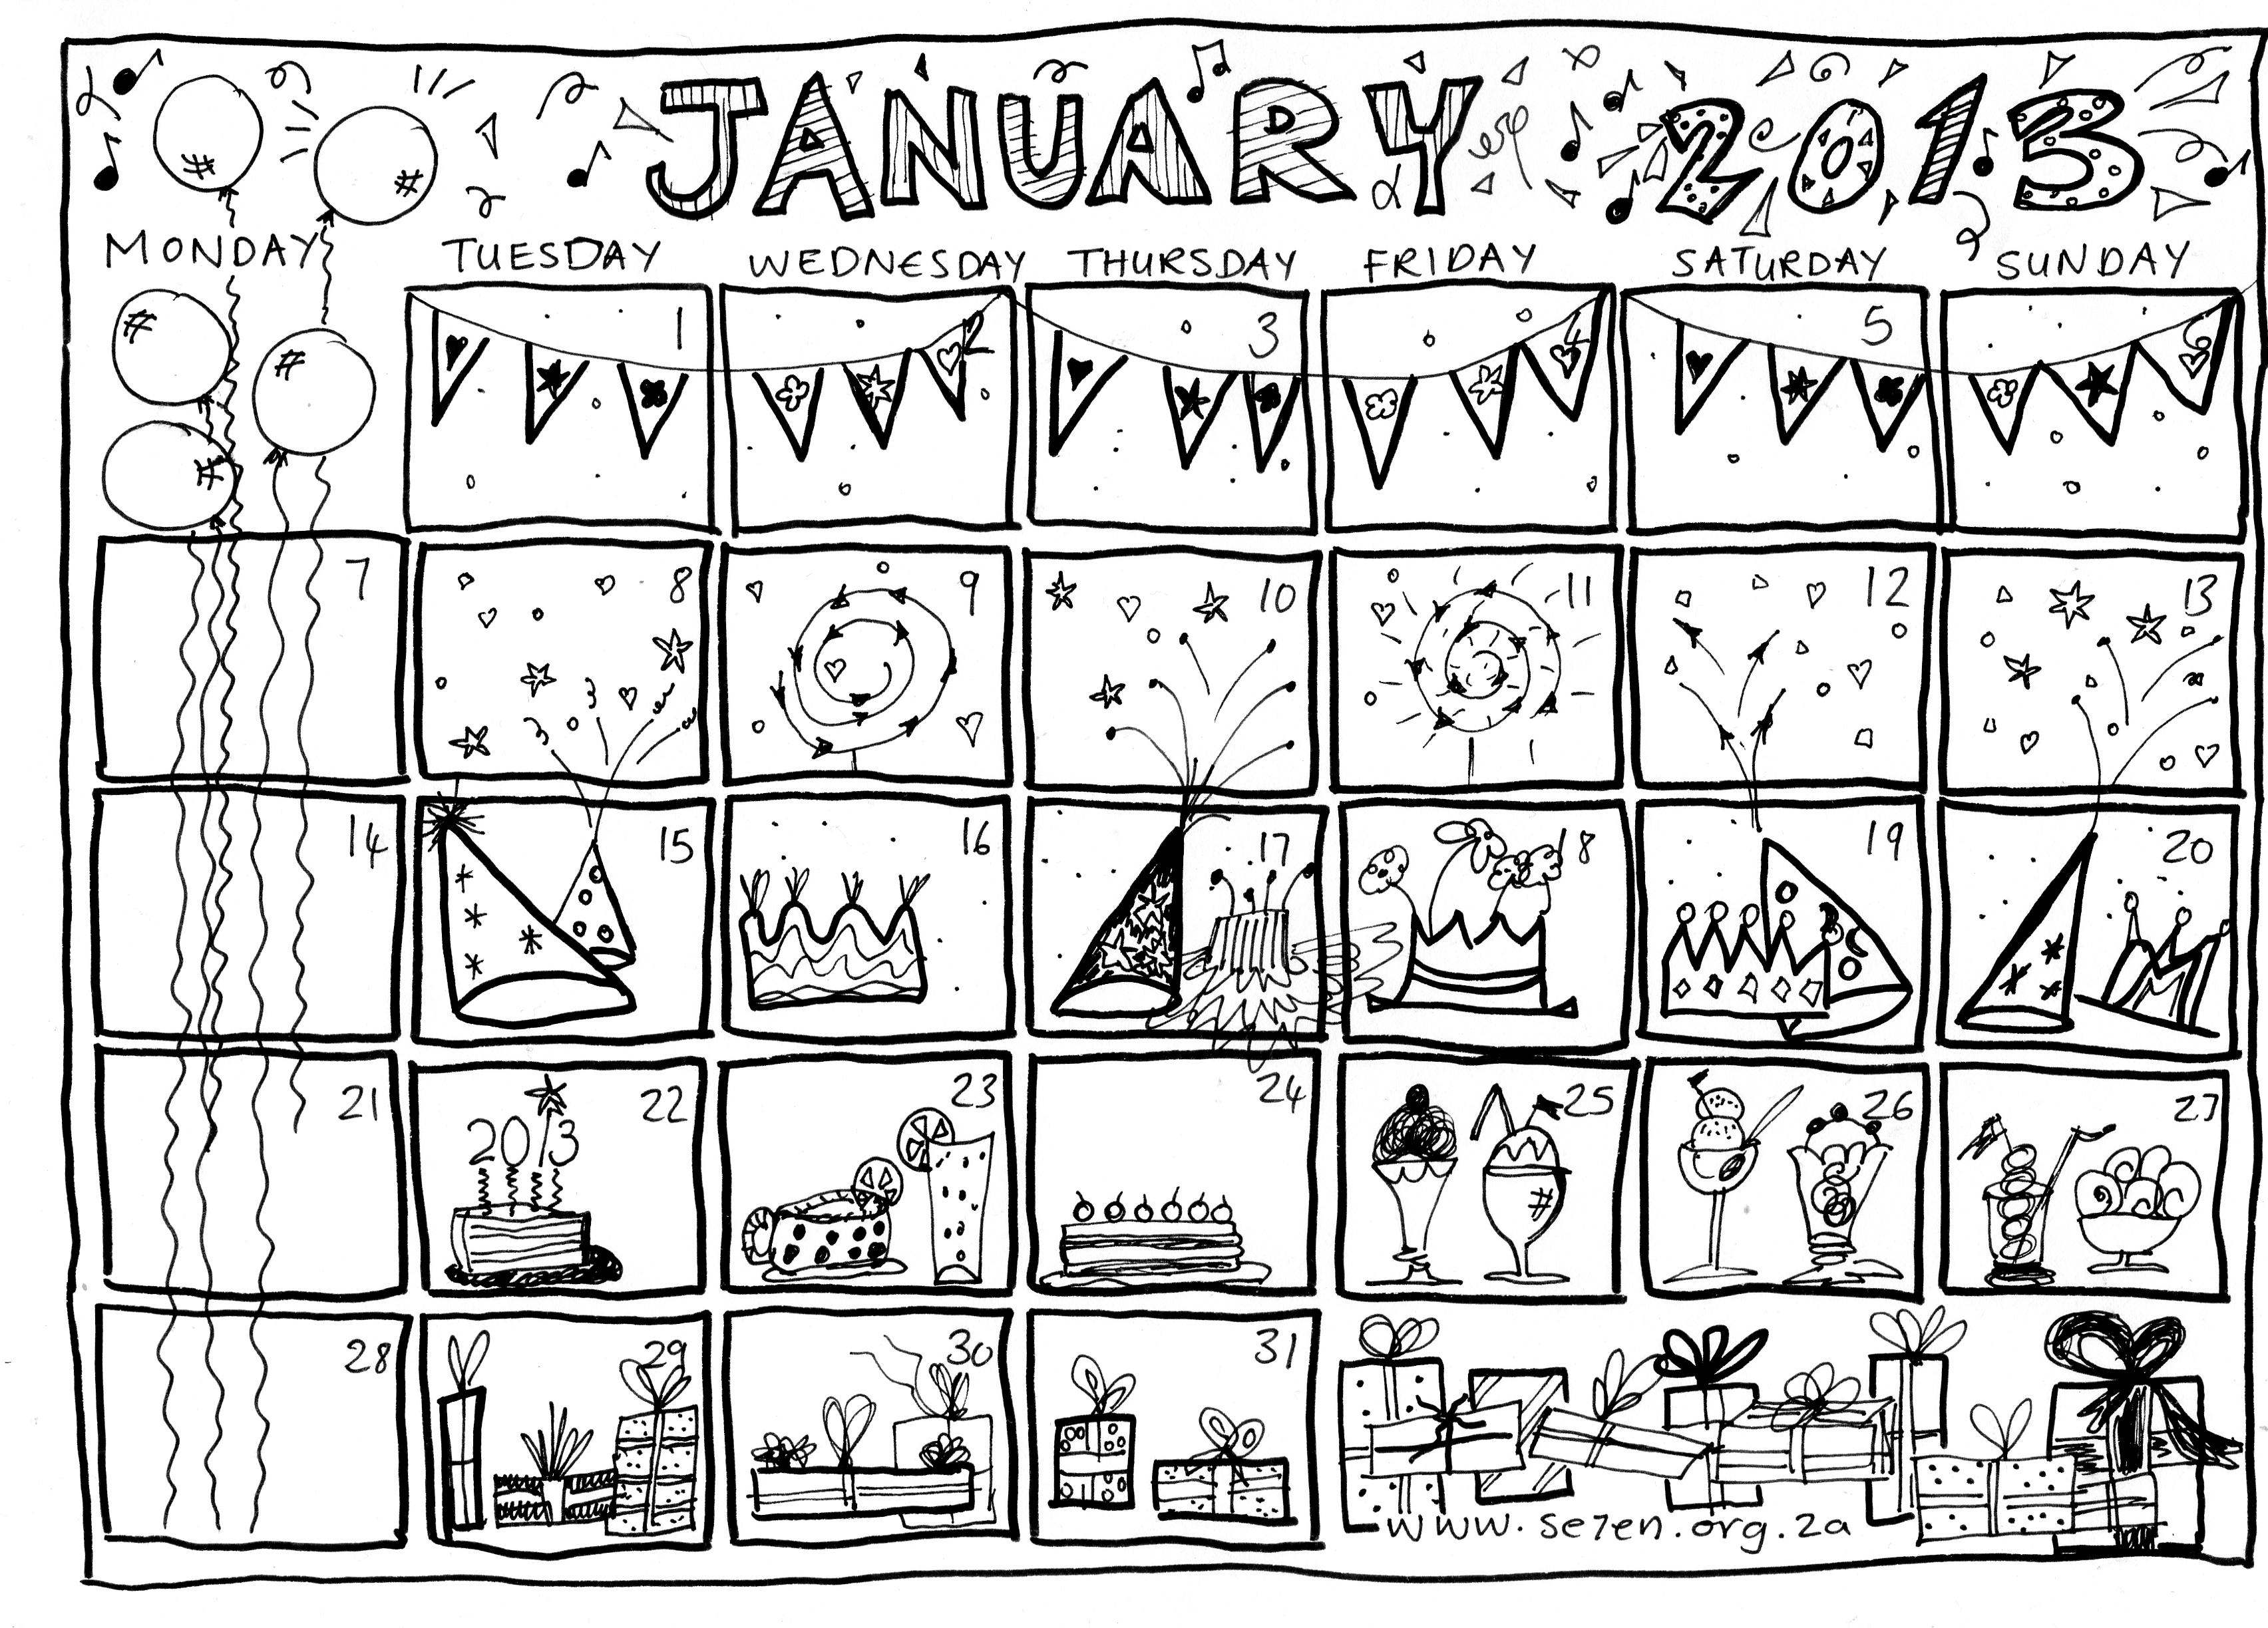 Se7en 1 S January Calendar Is Here Se7en